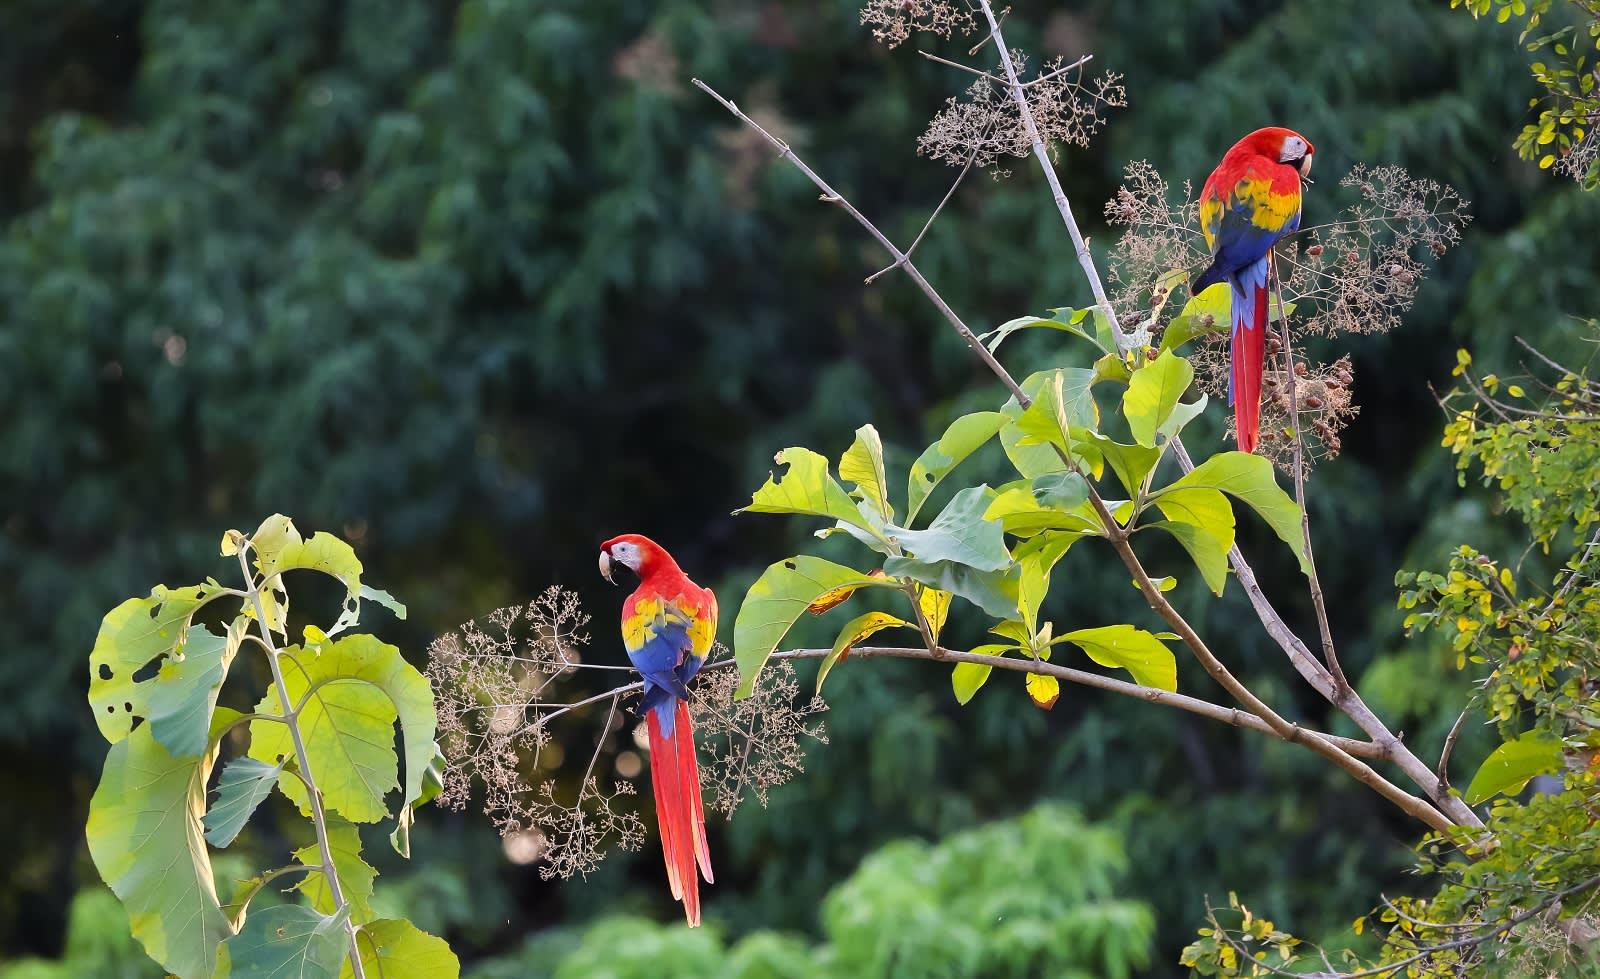 Hellrote Aras in Costa Rica